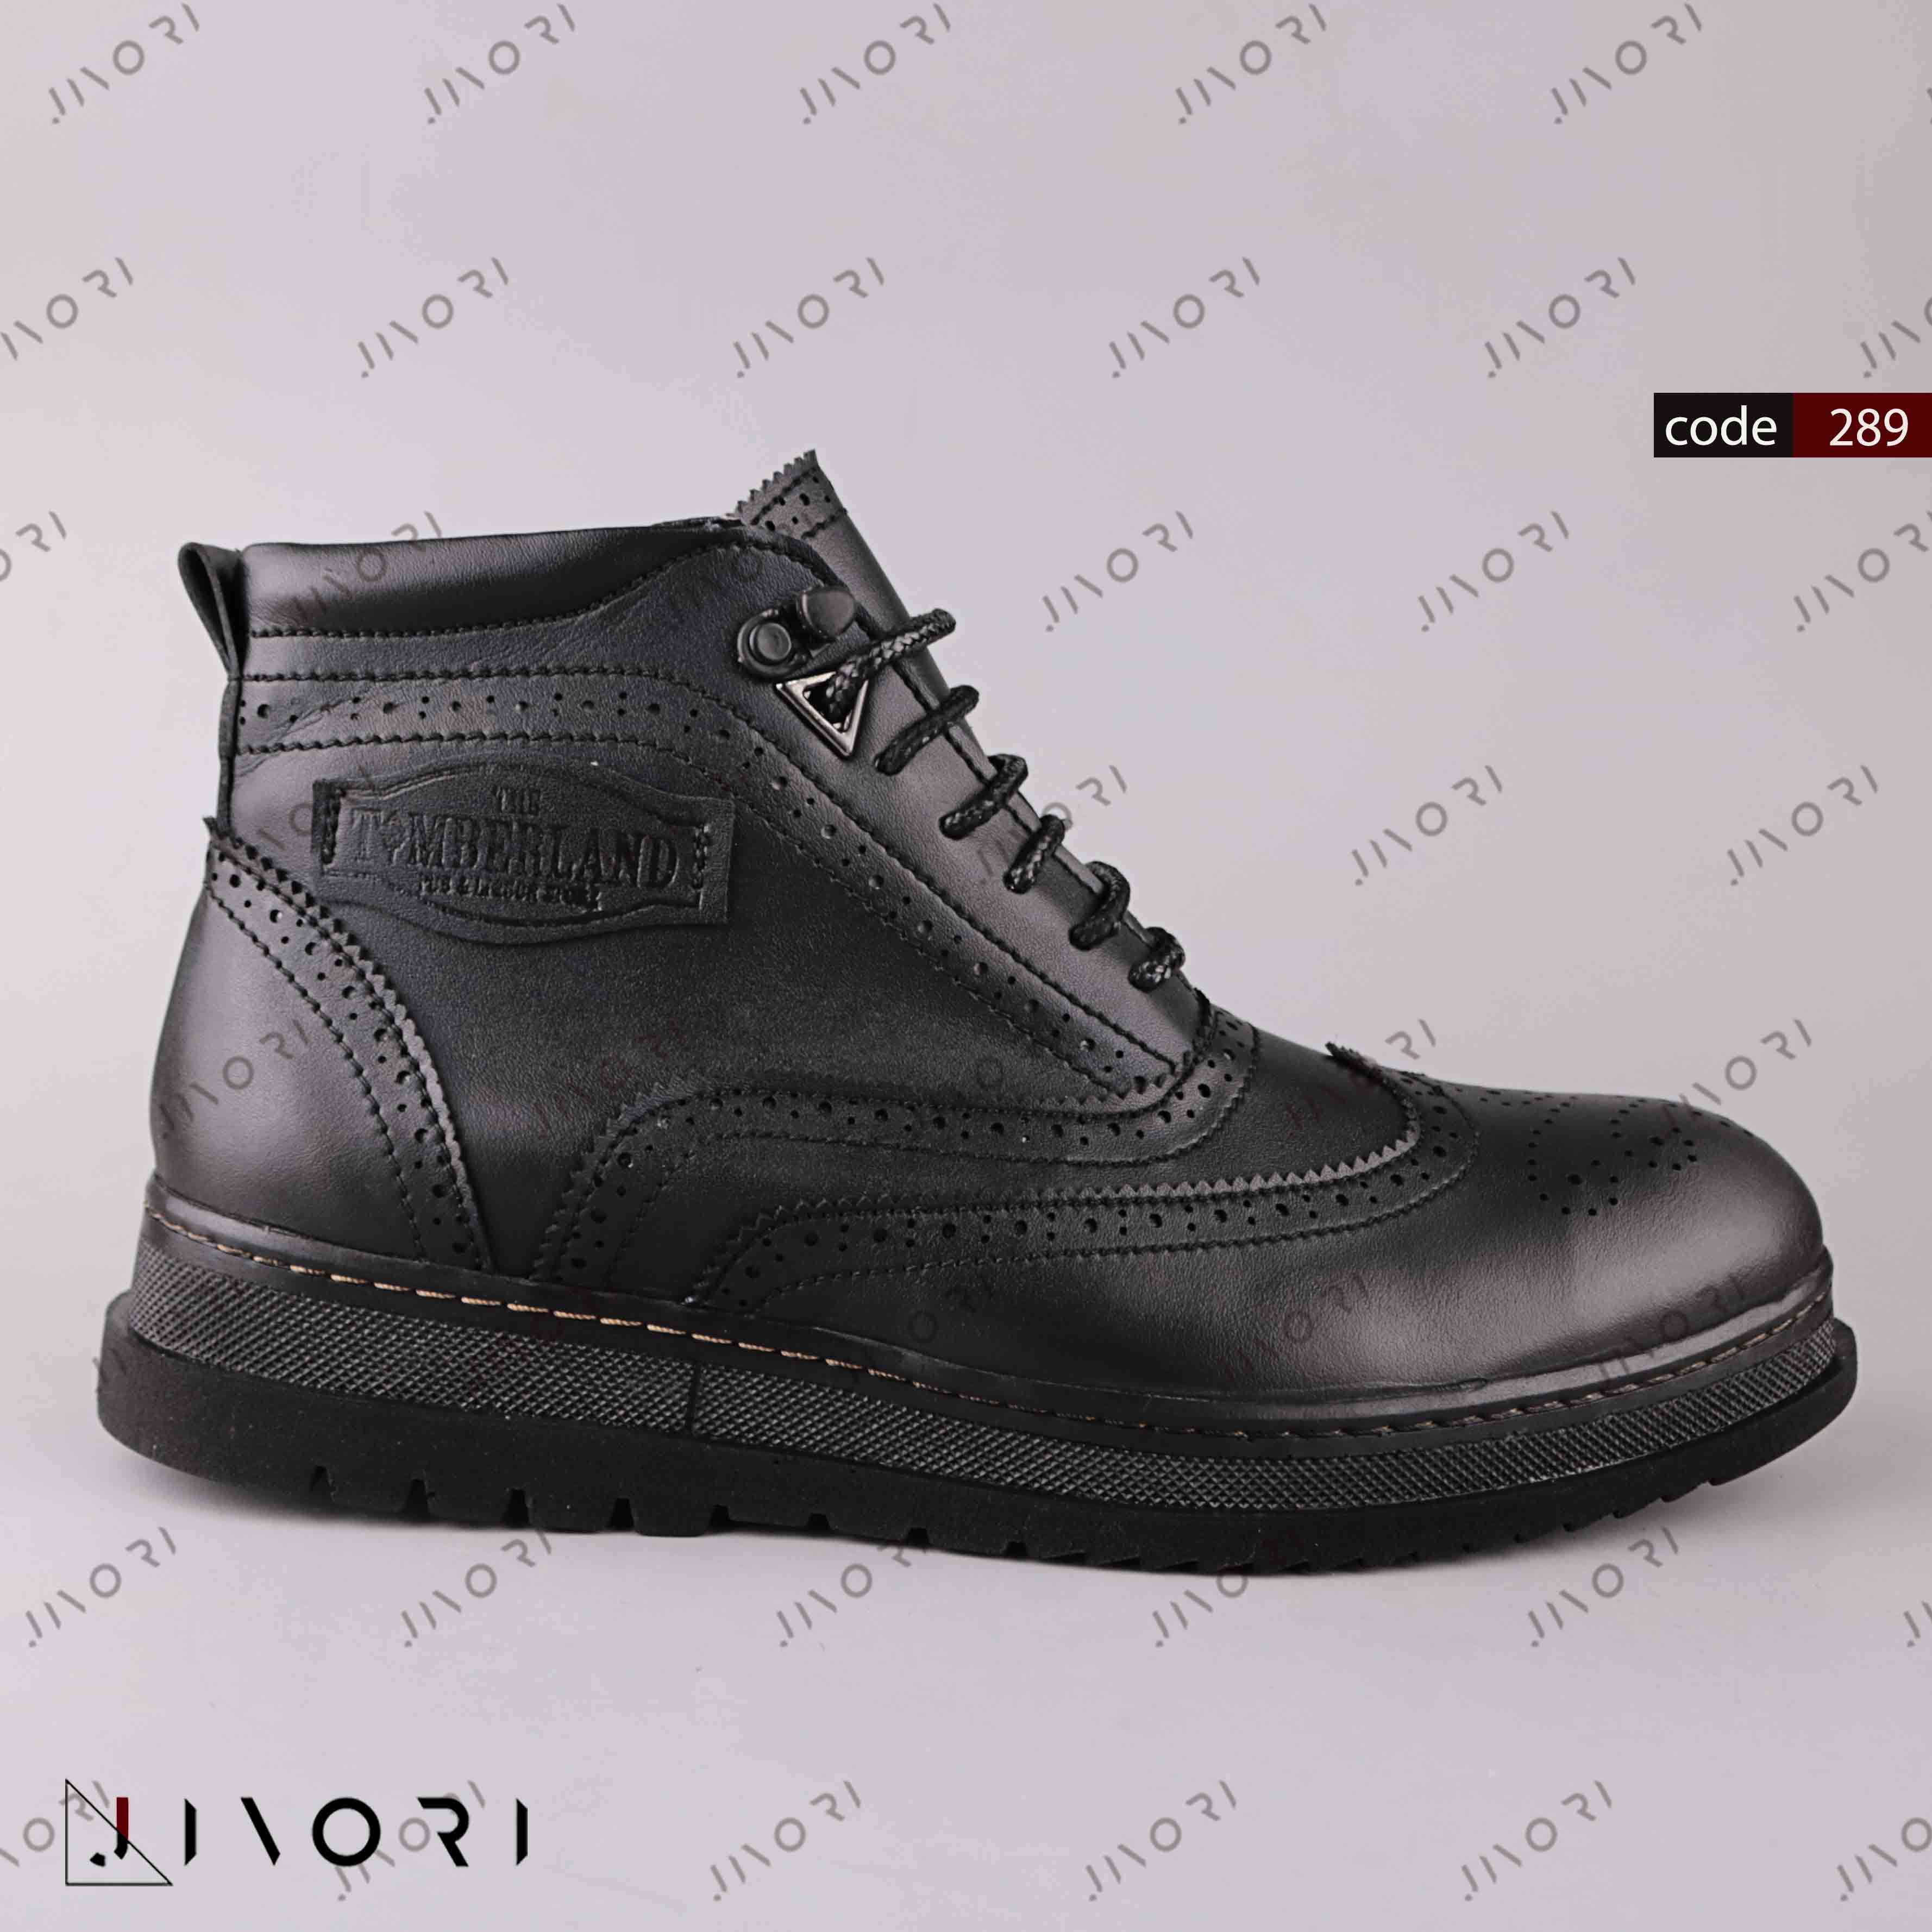 کفش مردانه تیم برلند (289)